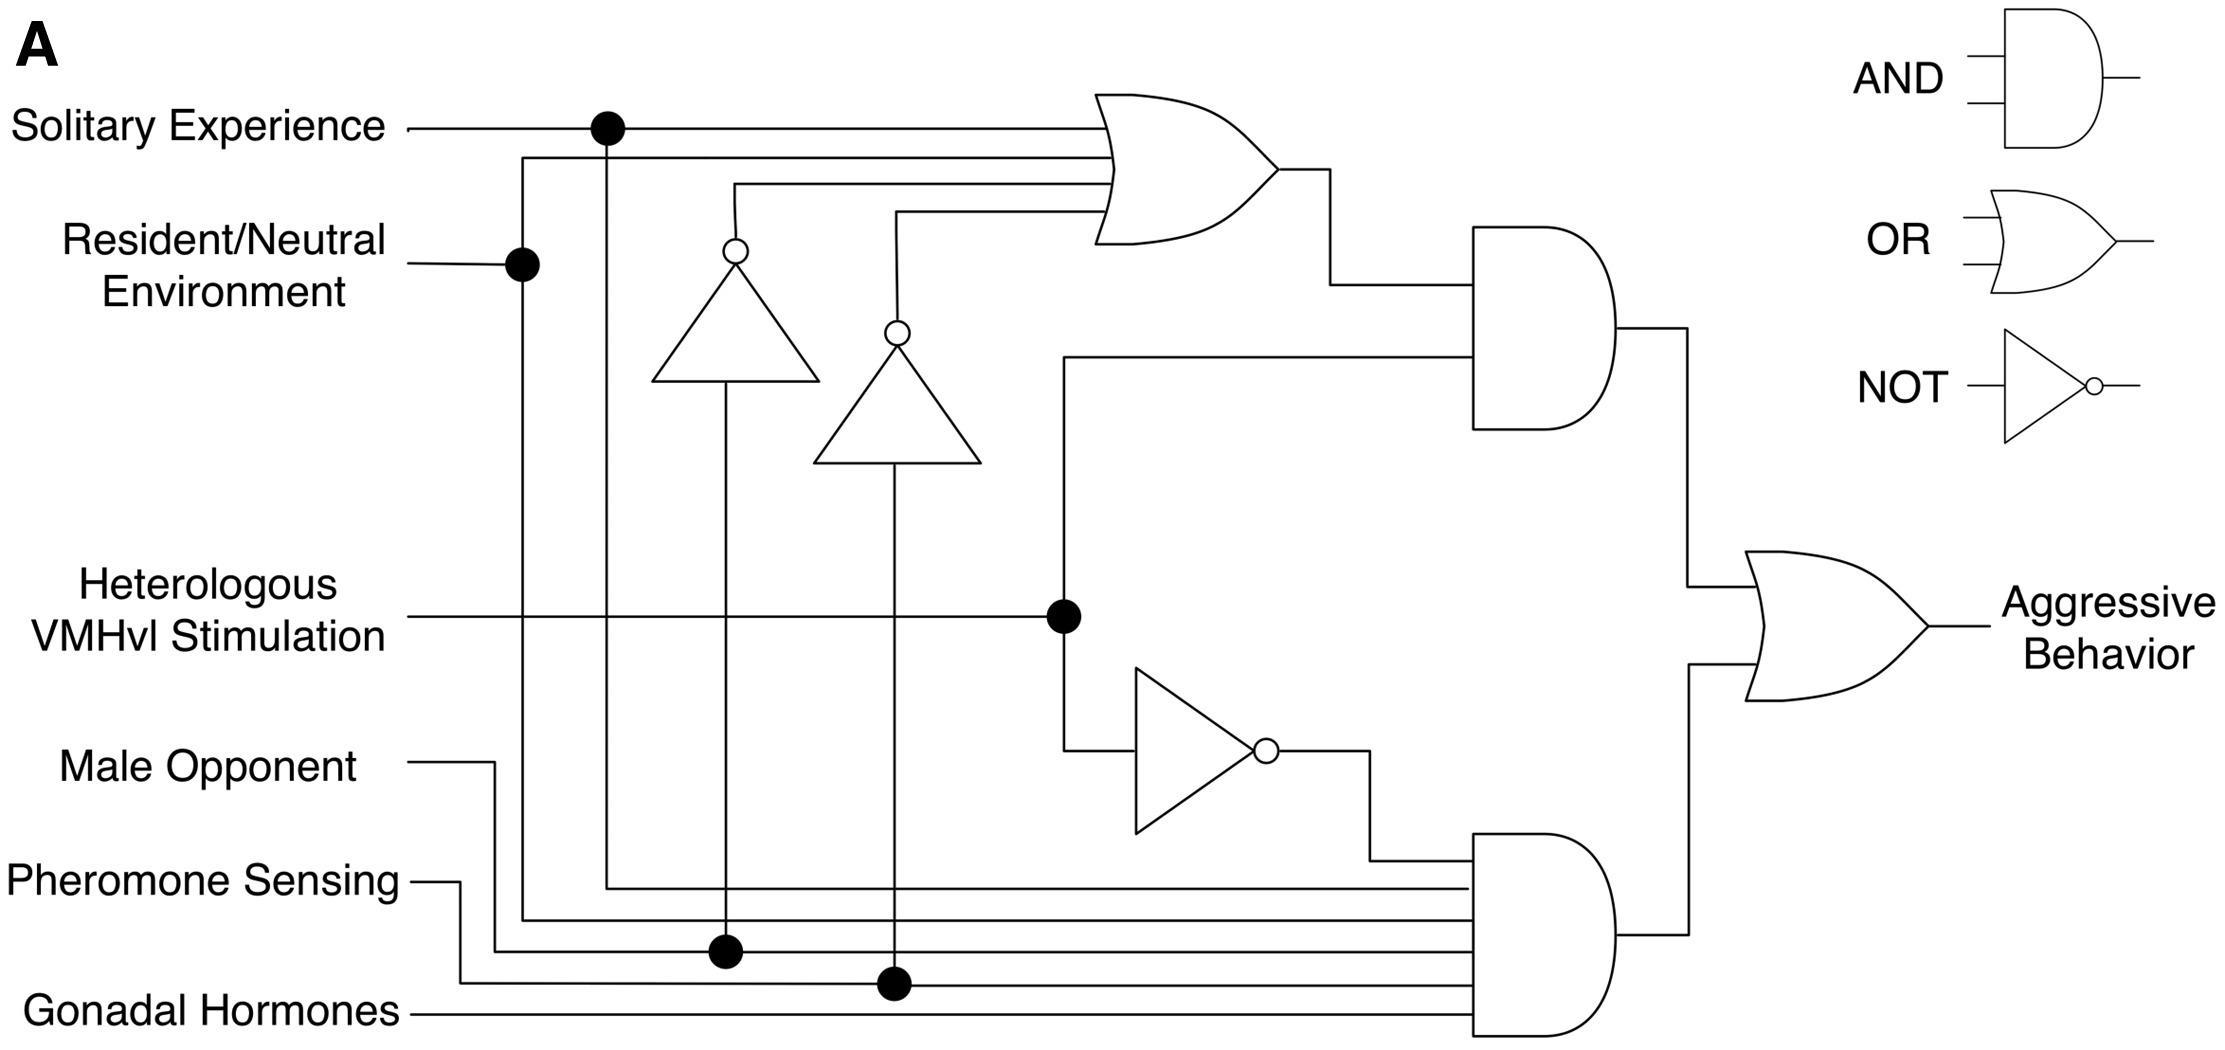 Совместное проживание снизило агрессивность мышей